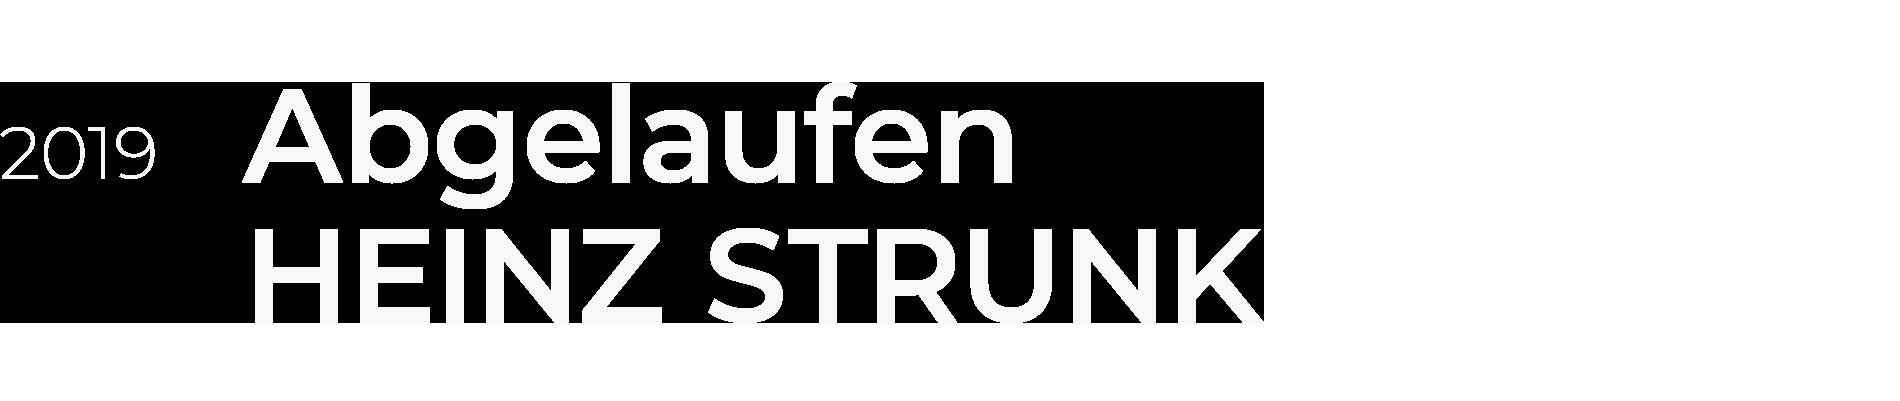 HEINZ STRUNK - Abgelaufen